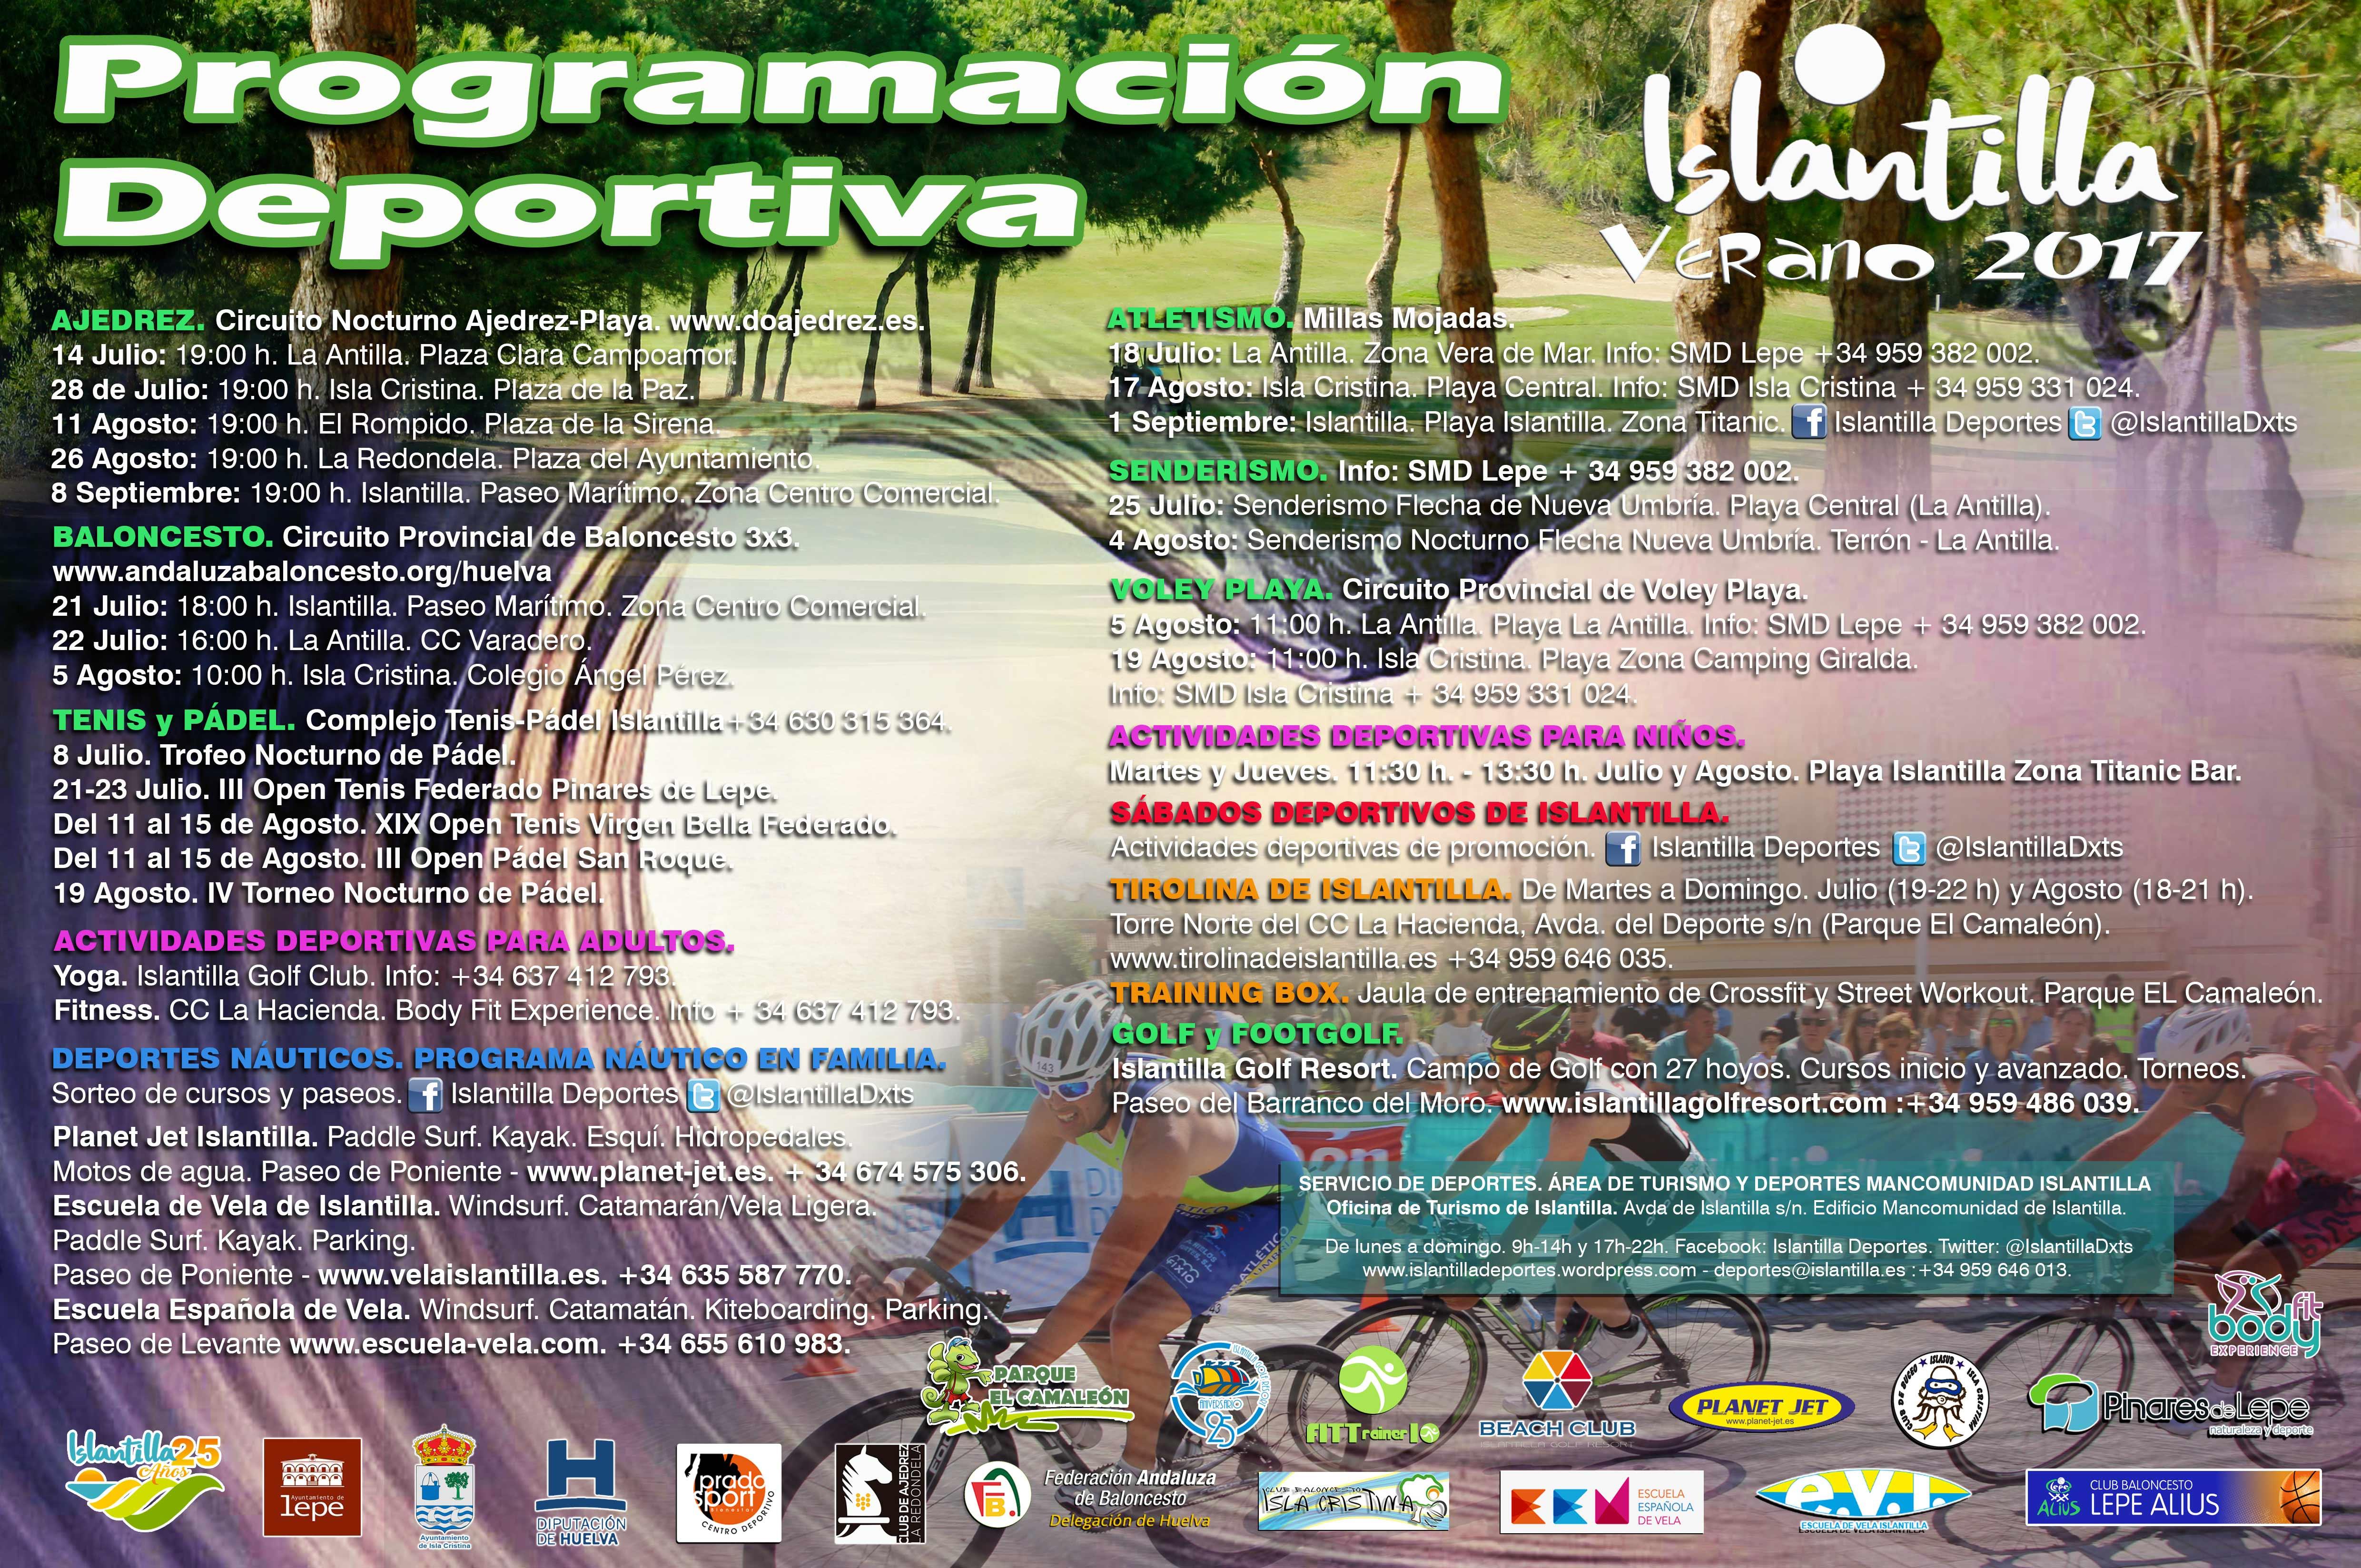 Cartel de la programación deportiva de Islantilla para este verano